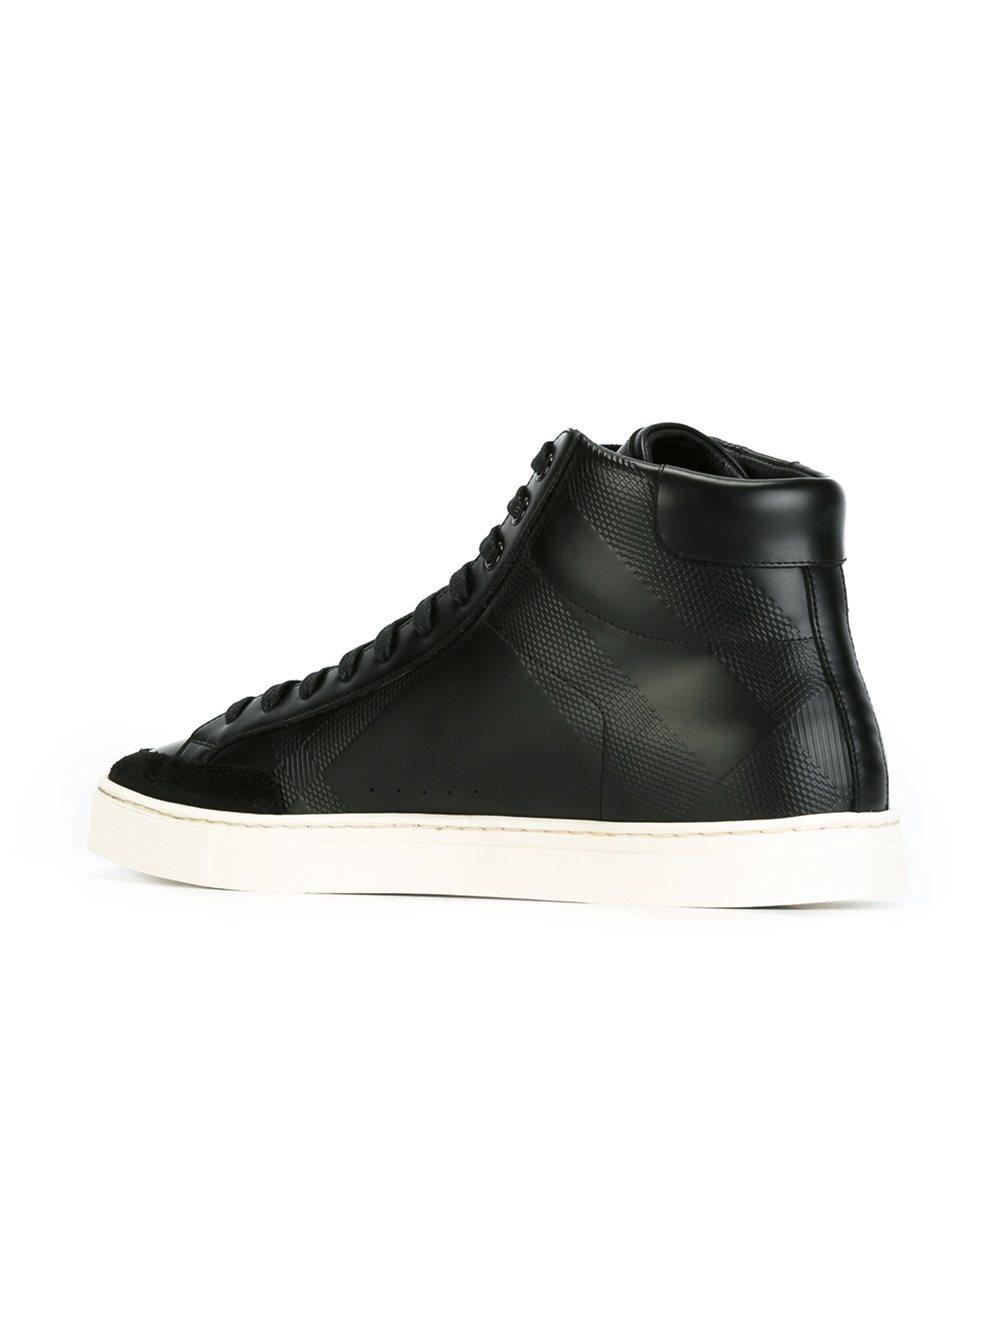 Burberry High Top Sneakers Men